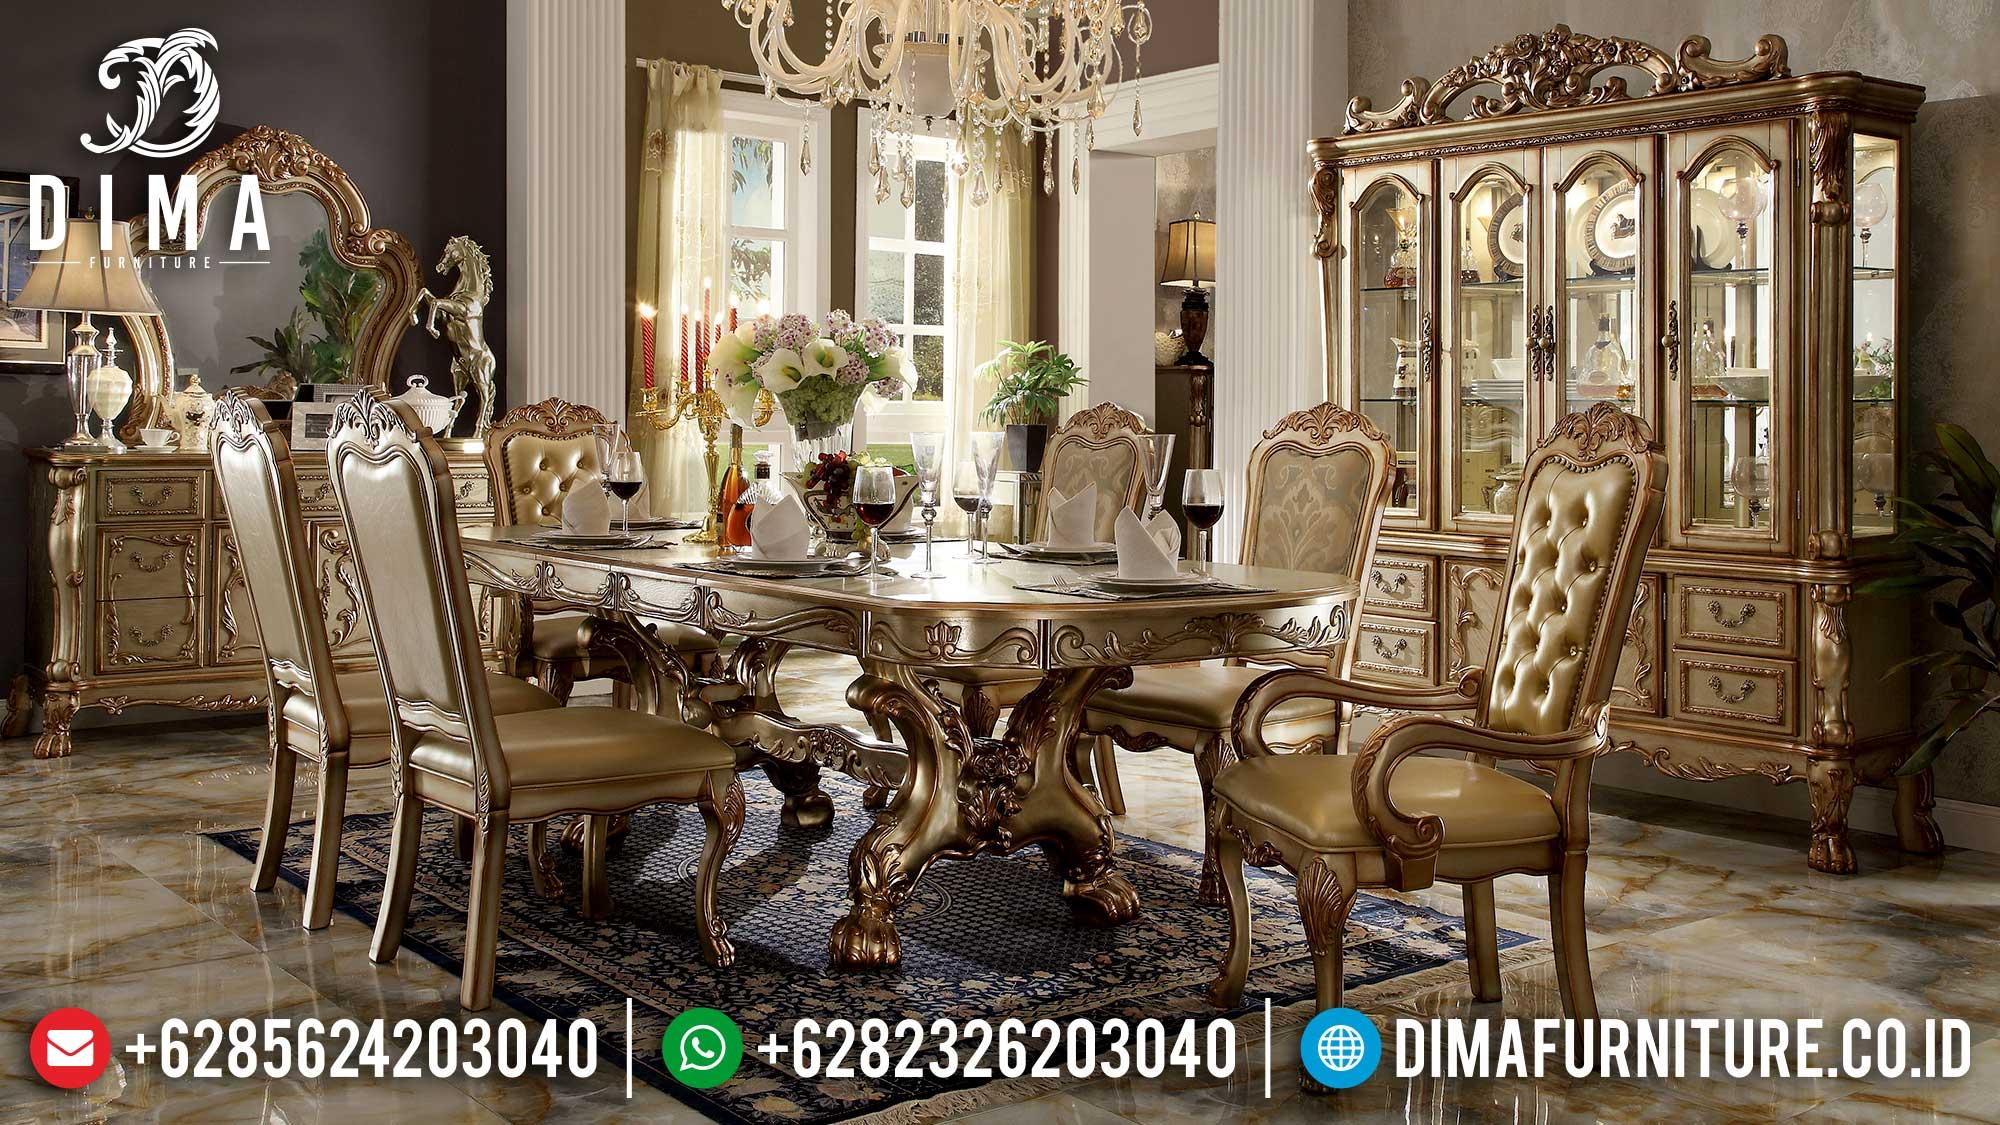 Meja Makan Mewah Terbaru Luxury Gold Shiny Imperial Majestic Design MM-1023